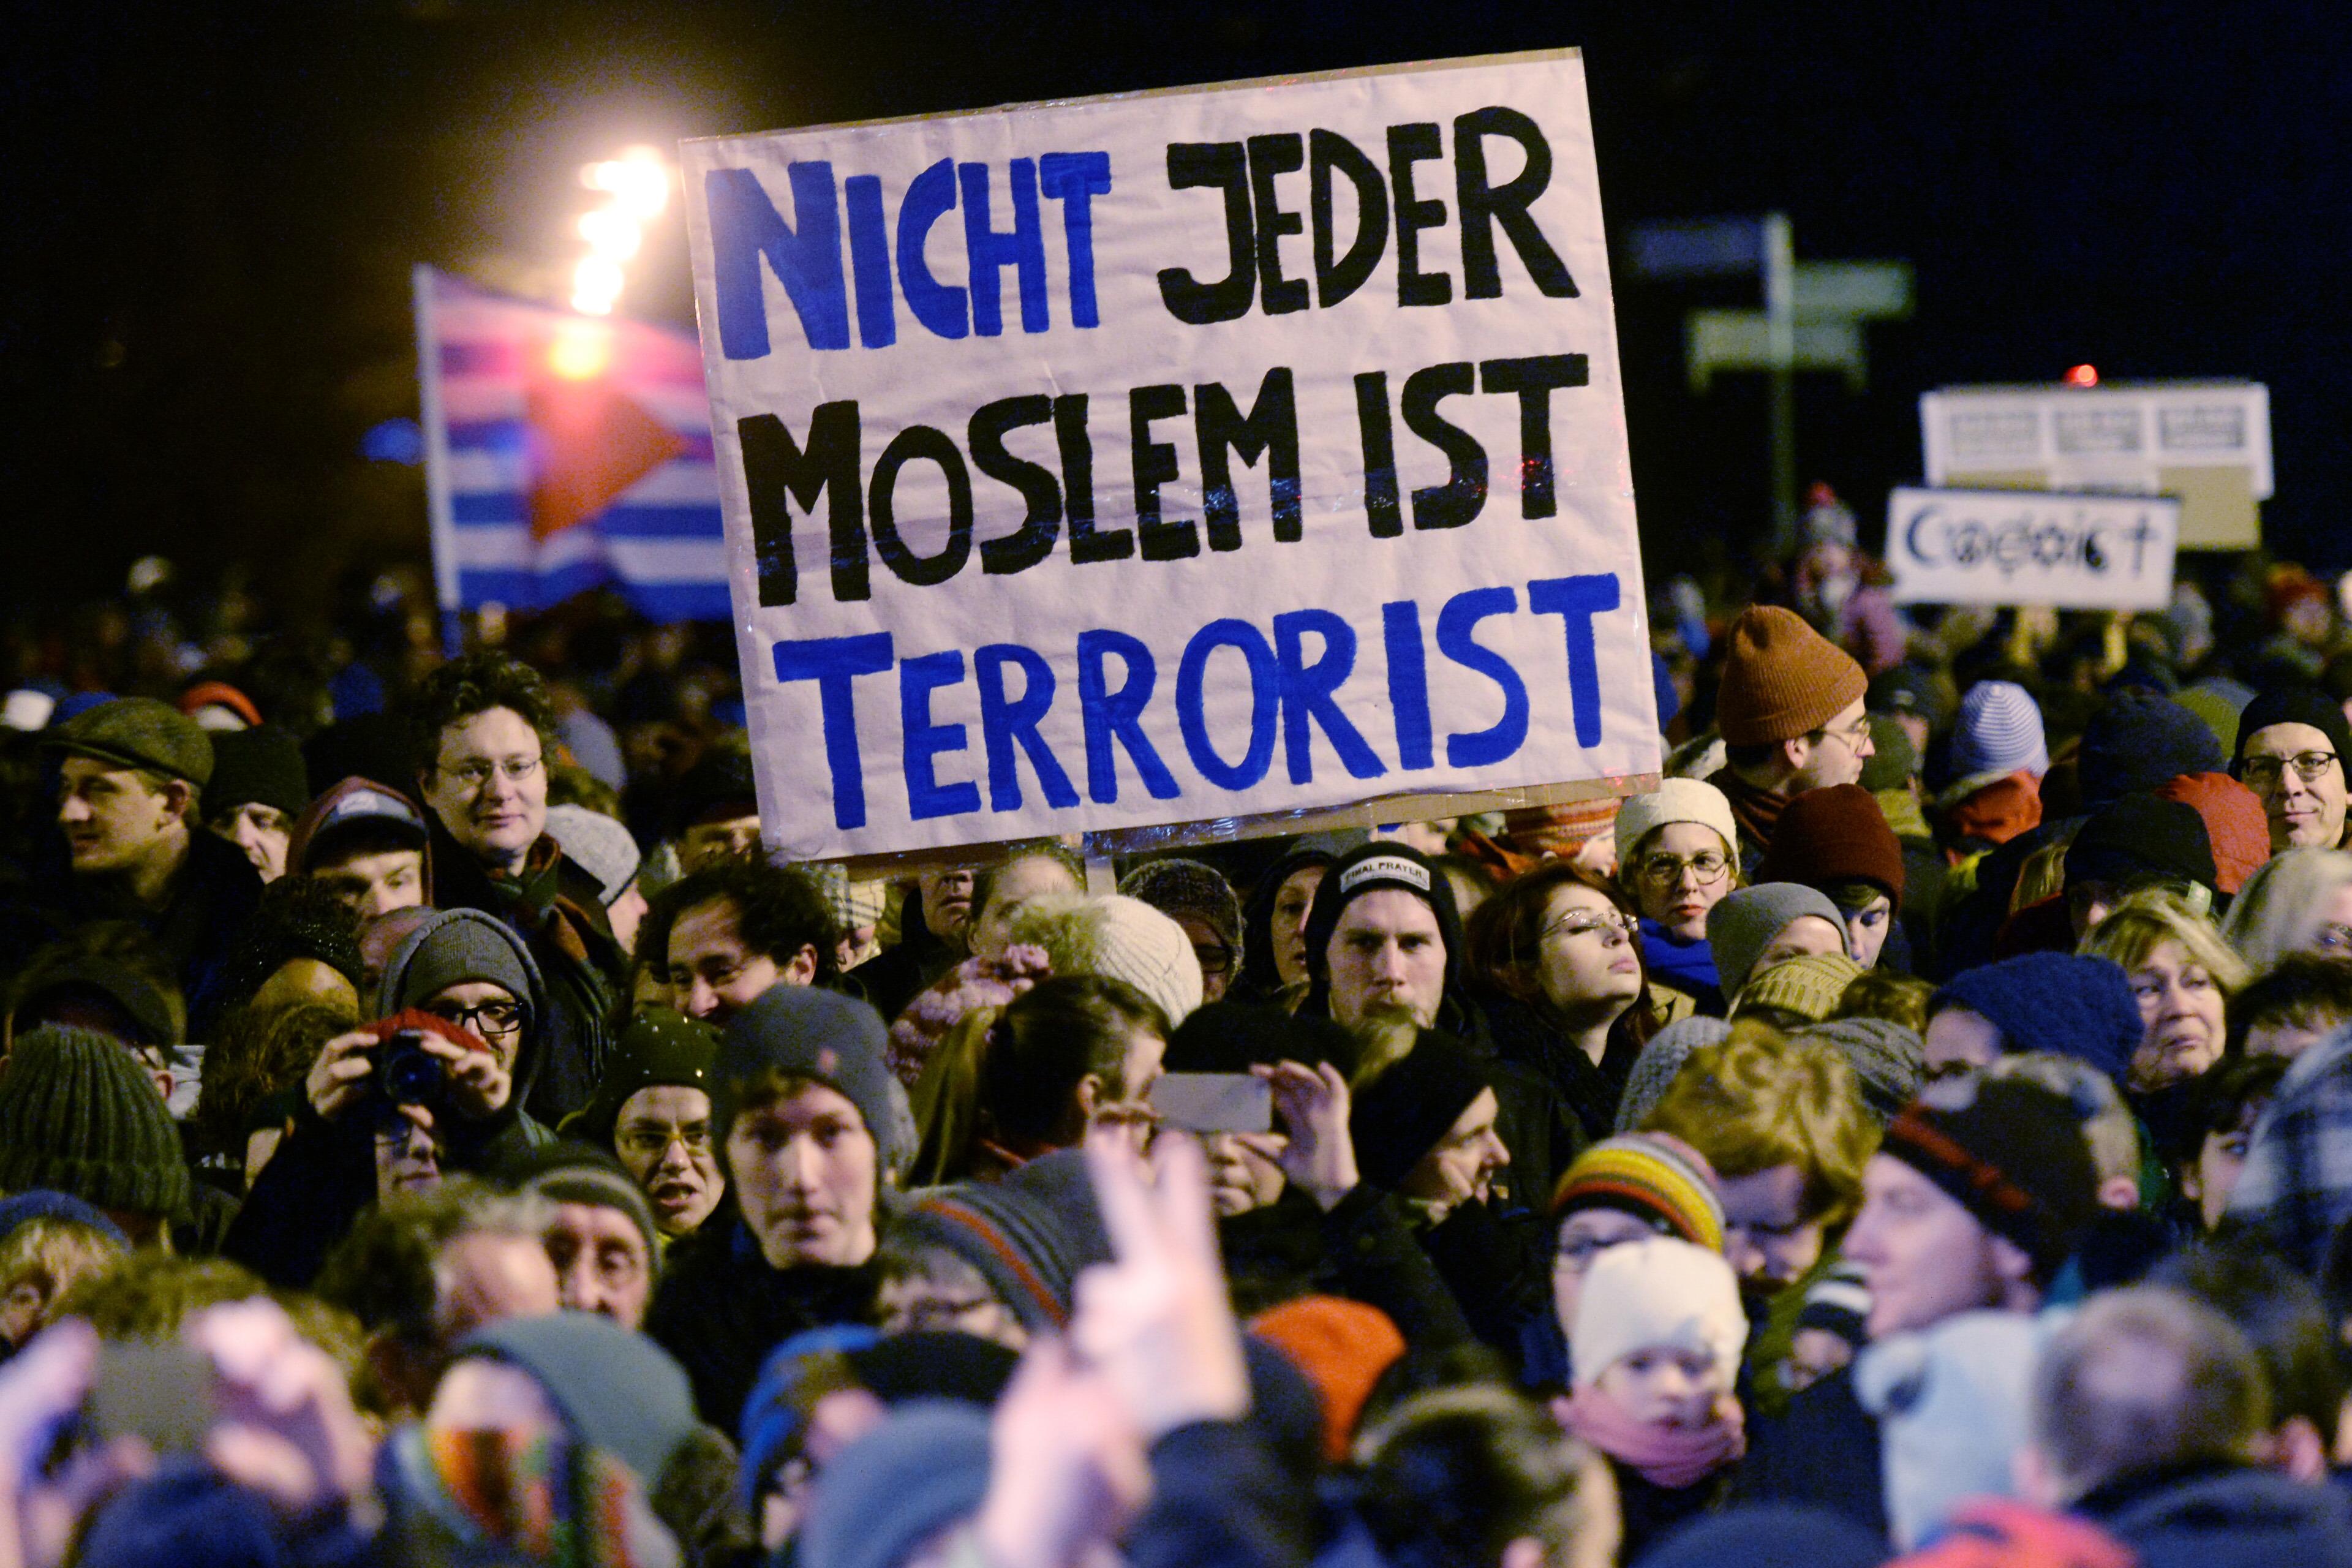 Не каждый мусульманин террорист (с нем.). Фото: EPA/HENDRIK SCHMIDT